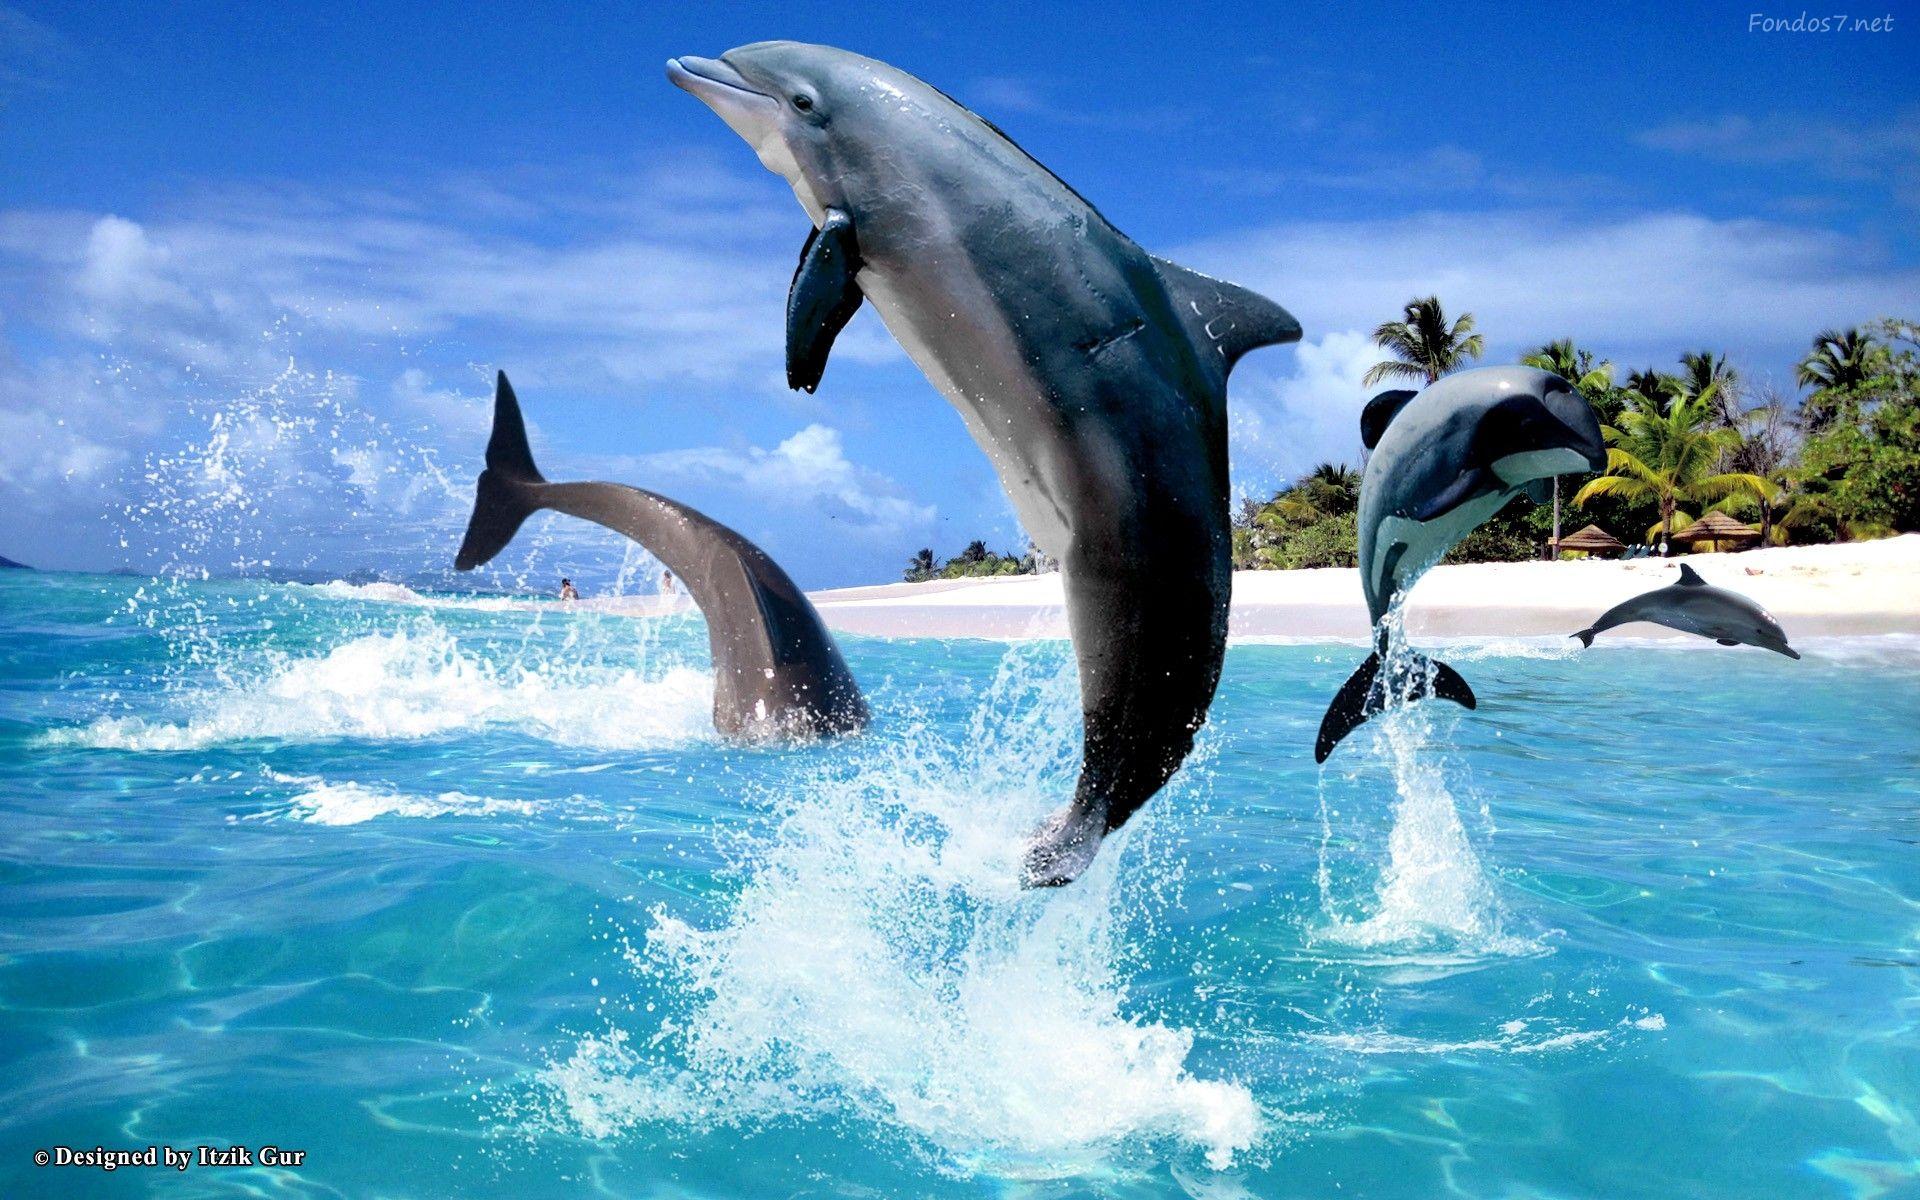 Fondos De Pantalla Del Mar: Descargar Fondos De Pantalla Delfines Saltando En El Mar